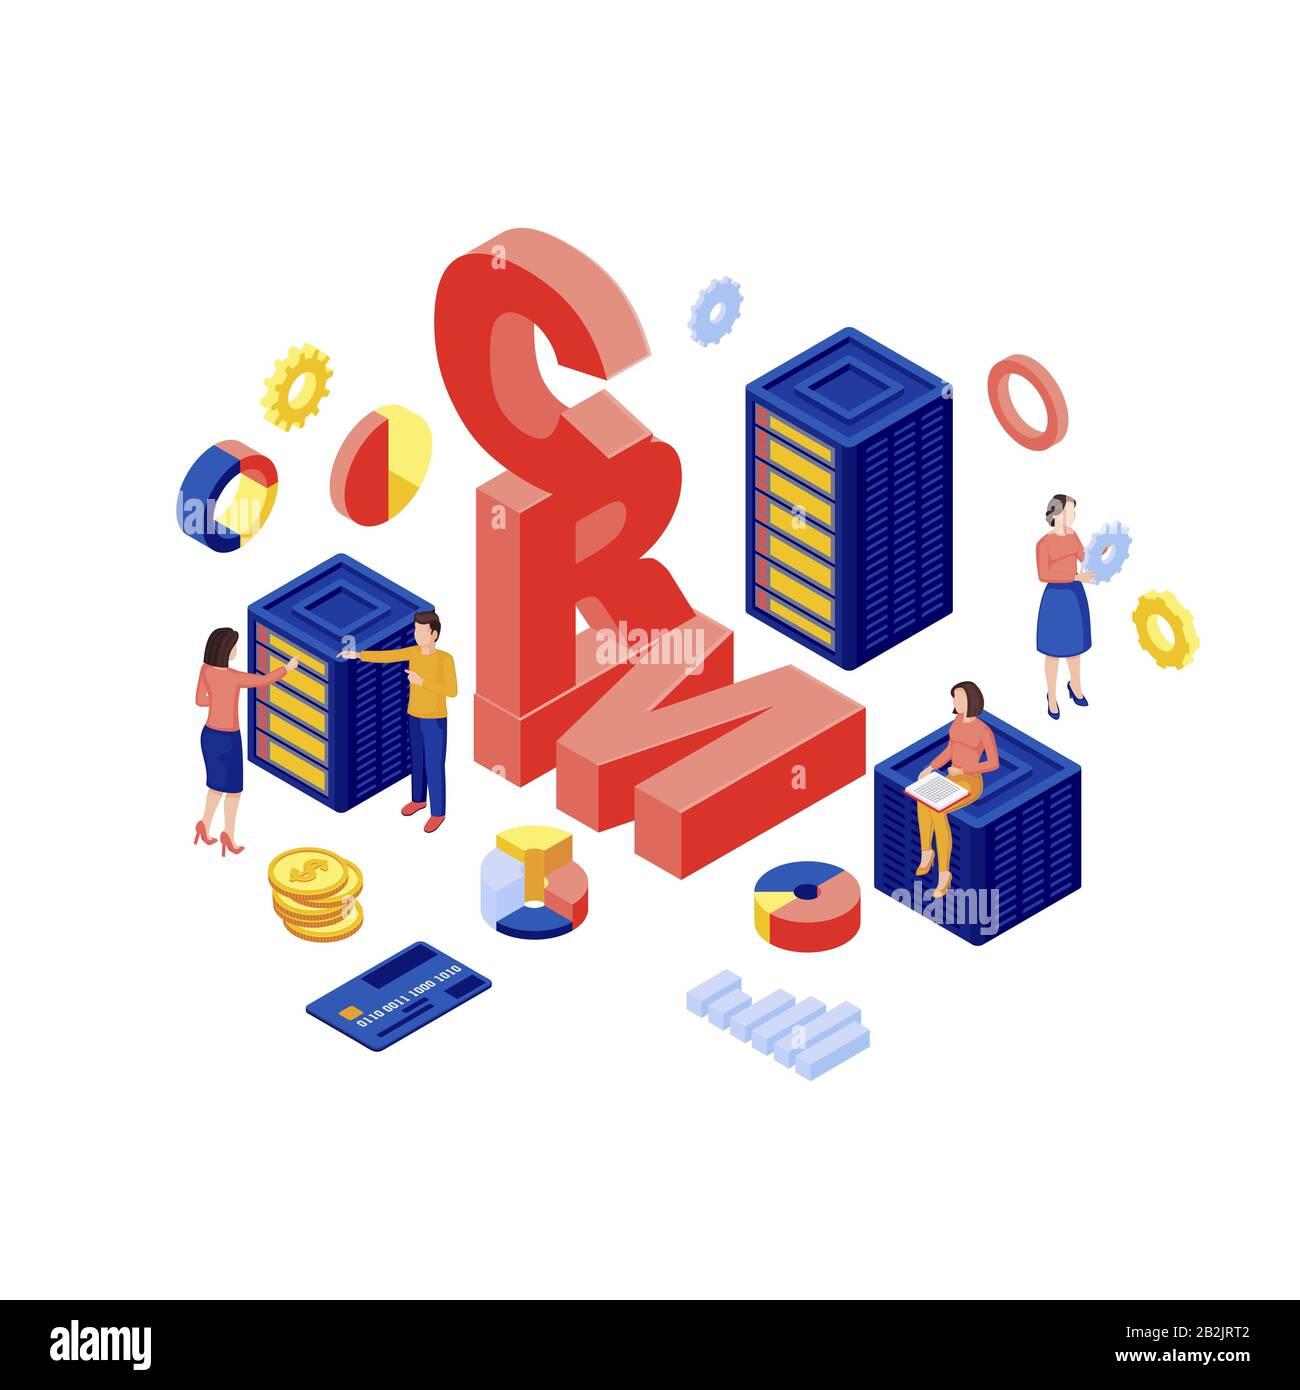 Illustration vectorielle isométrique de la base de données CRM. Stockage de données client, logiciel d'automatisation marketing concept tridimensionnel isolé sur fond blanc. Commerce Électronique Illustration de Vecteur